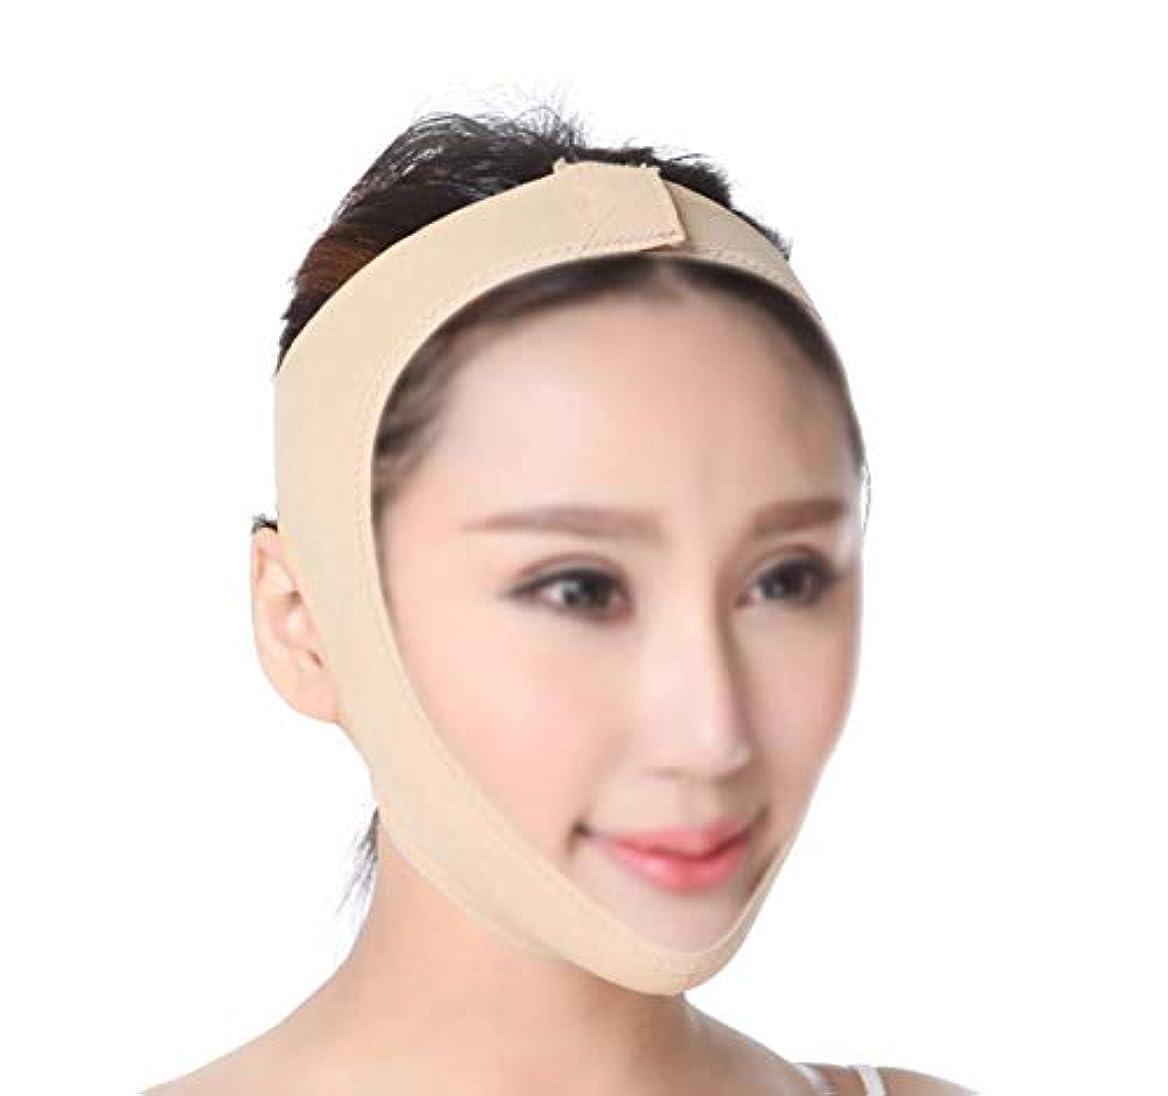 味カフェテリアピアノフェイスリフティング包帯、フェイシャル減量アンチシワケアフェイスリフトで肌を引き締め、二重あごを効果的に改善し、V字型の顔になります(サイズ:S),L